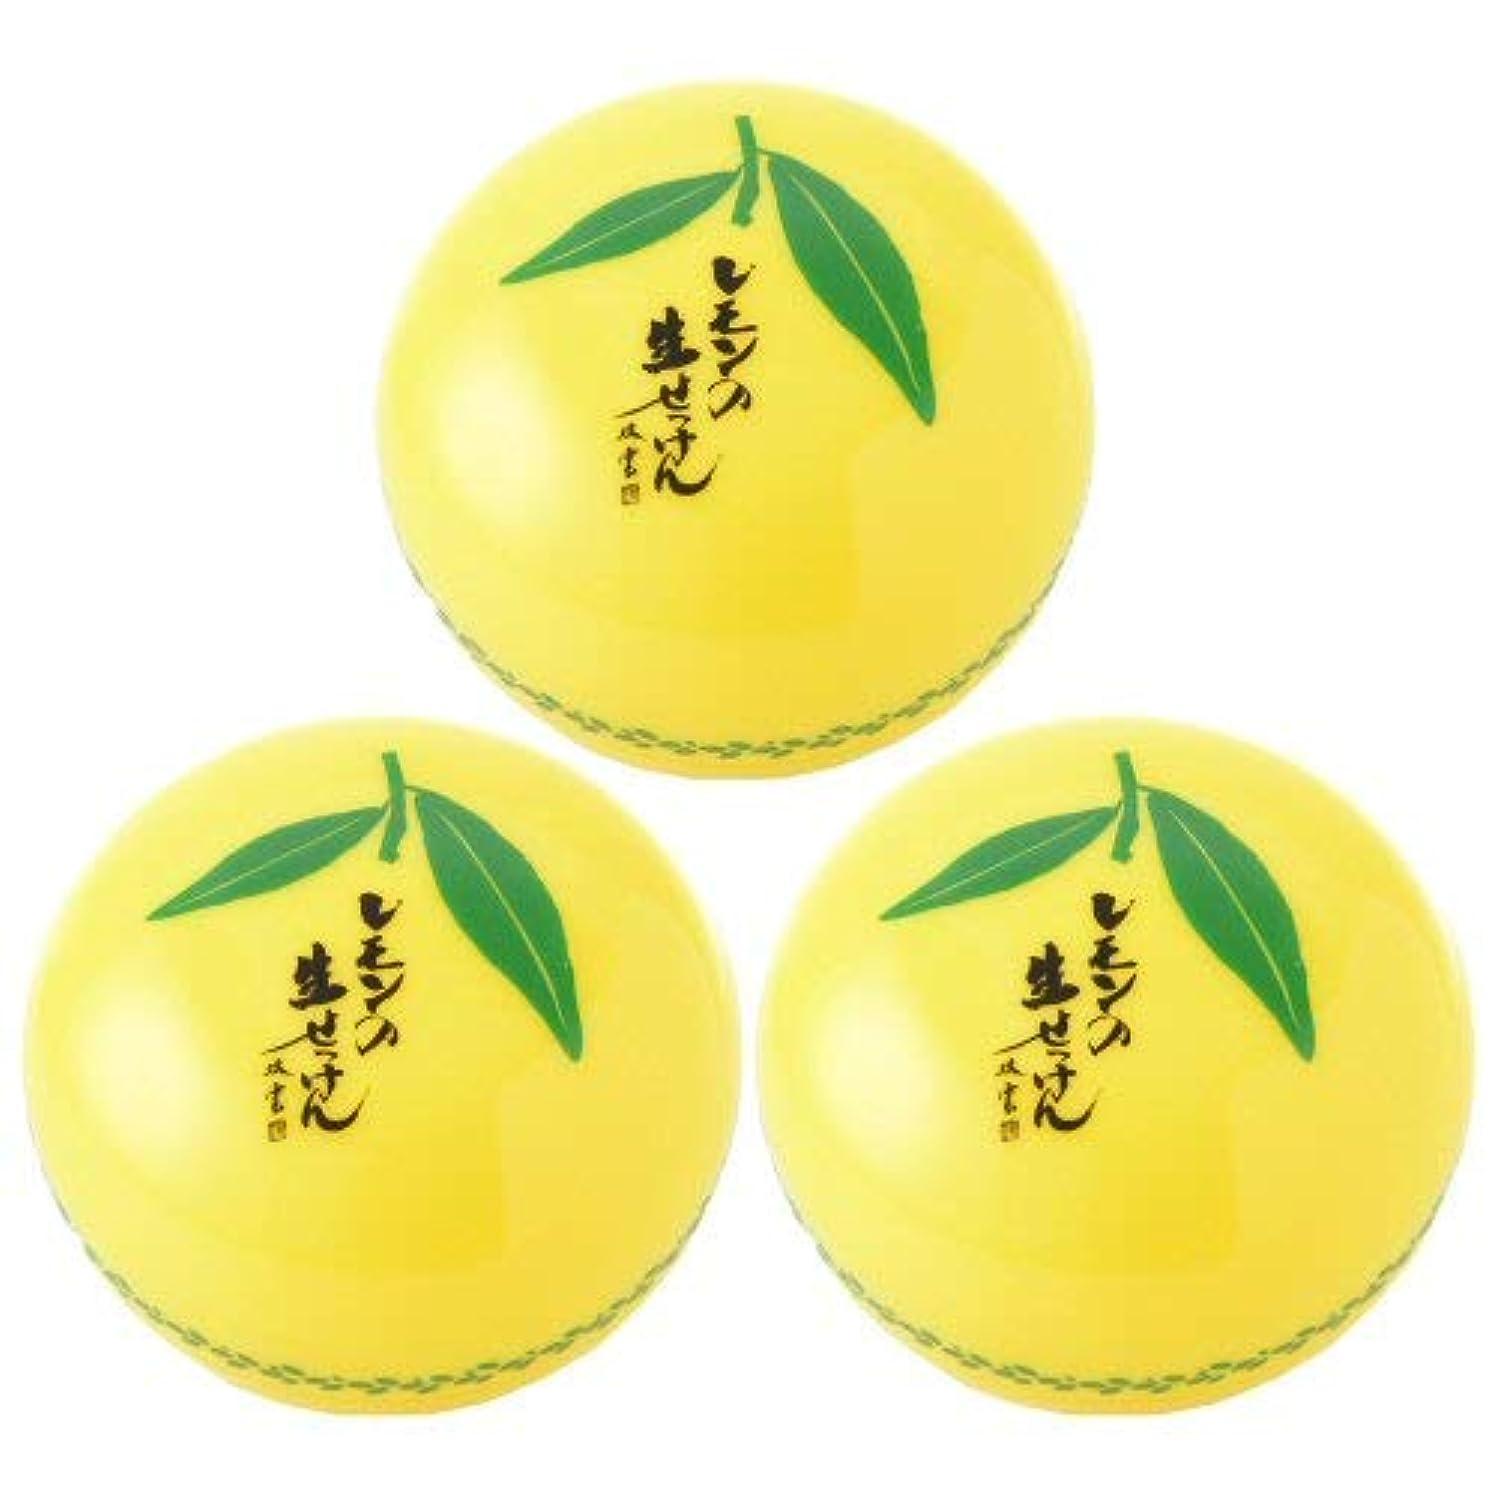 境界繁殖中絶UYEKI美香柑レモンの生せっけん120g×3個セット